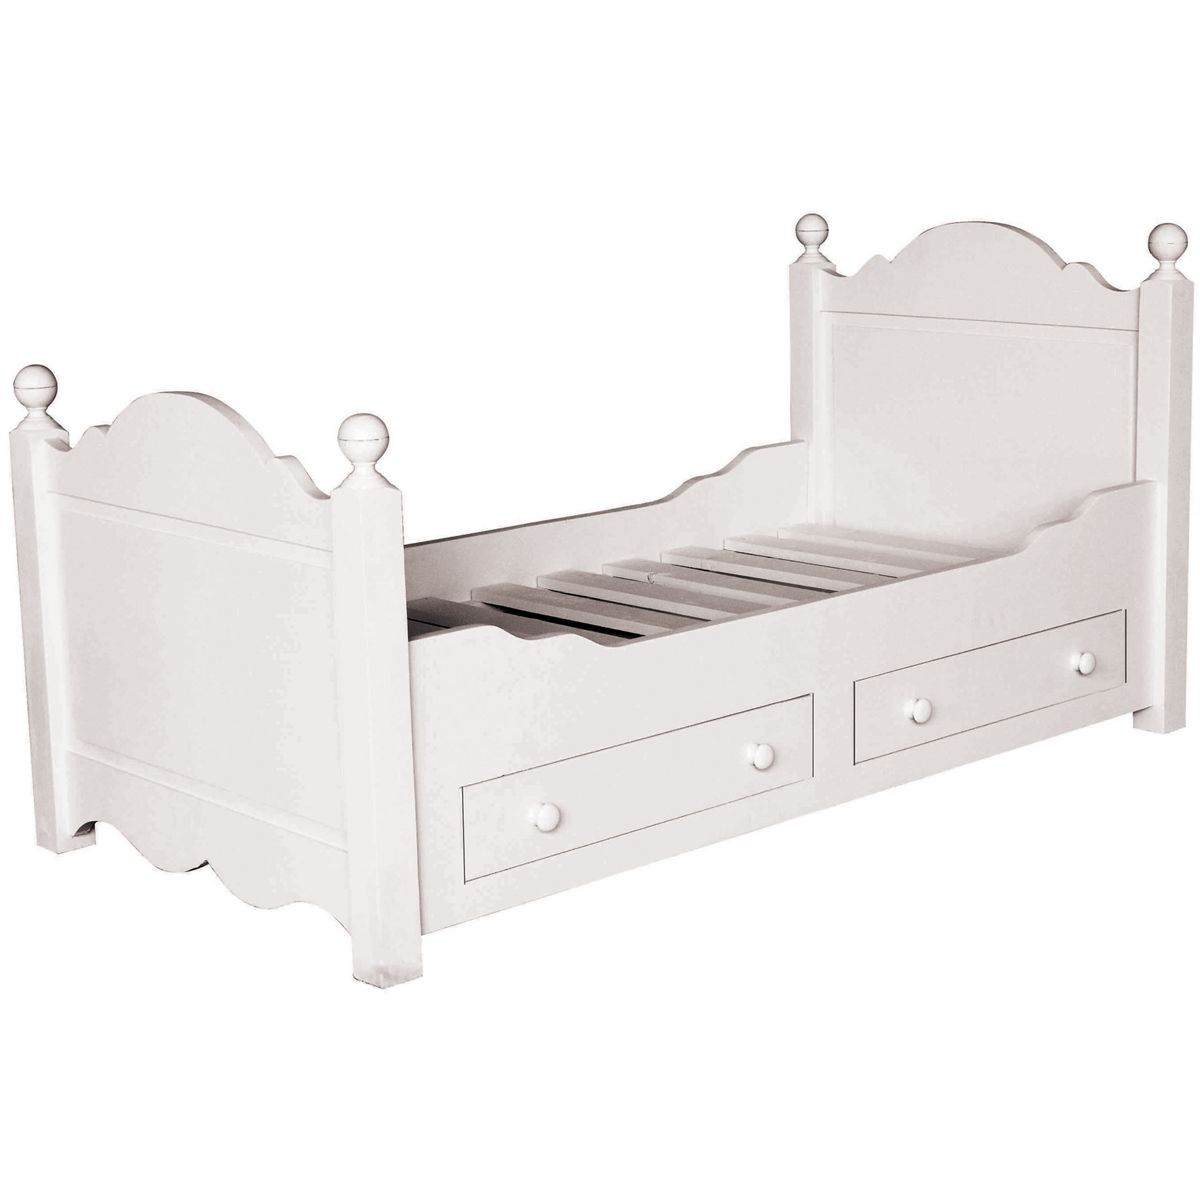 łóżko Z Szufladami 90 X 190 Cm 180 X 200 Cm